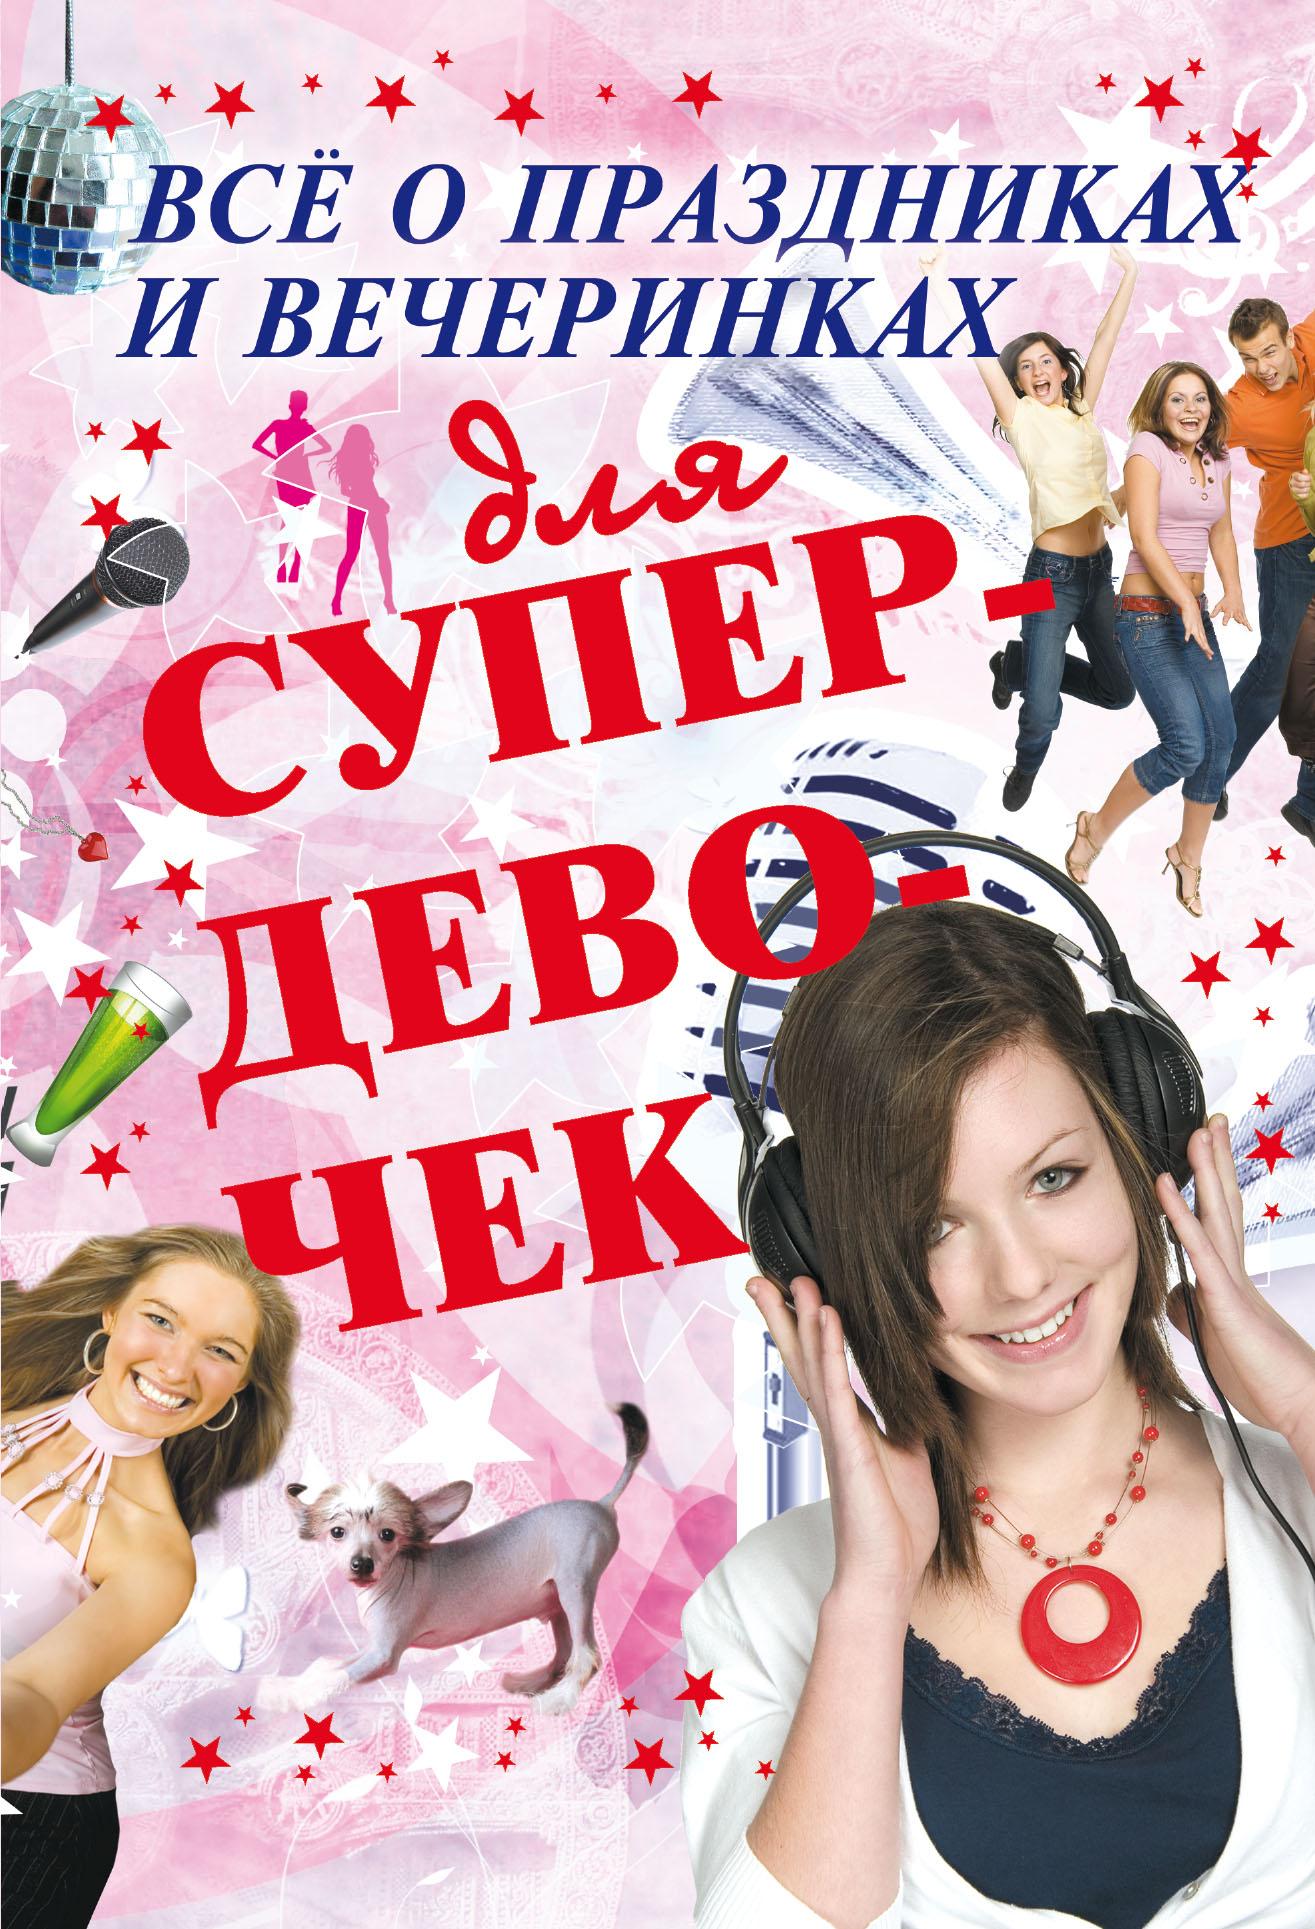 Купить книгу Всё о праздниках и вечеринках для супердевочек, автора Е. О. Хомича